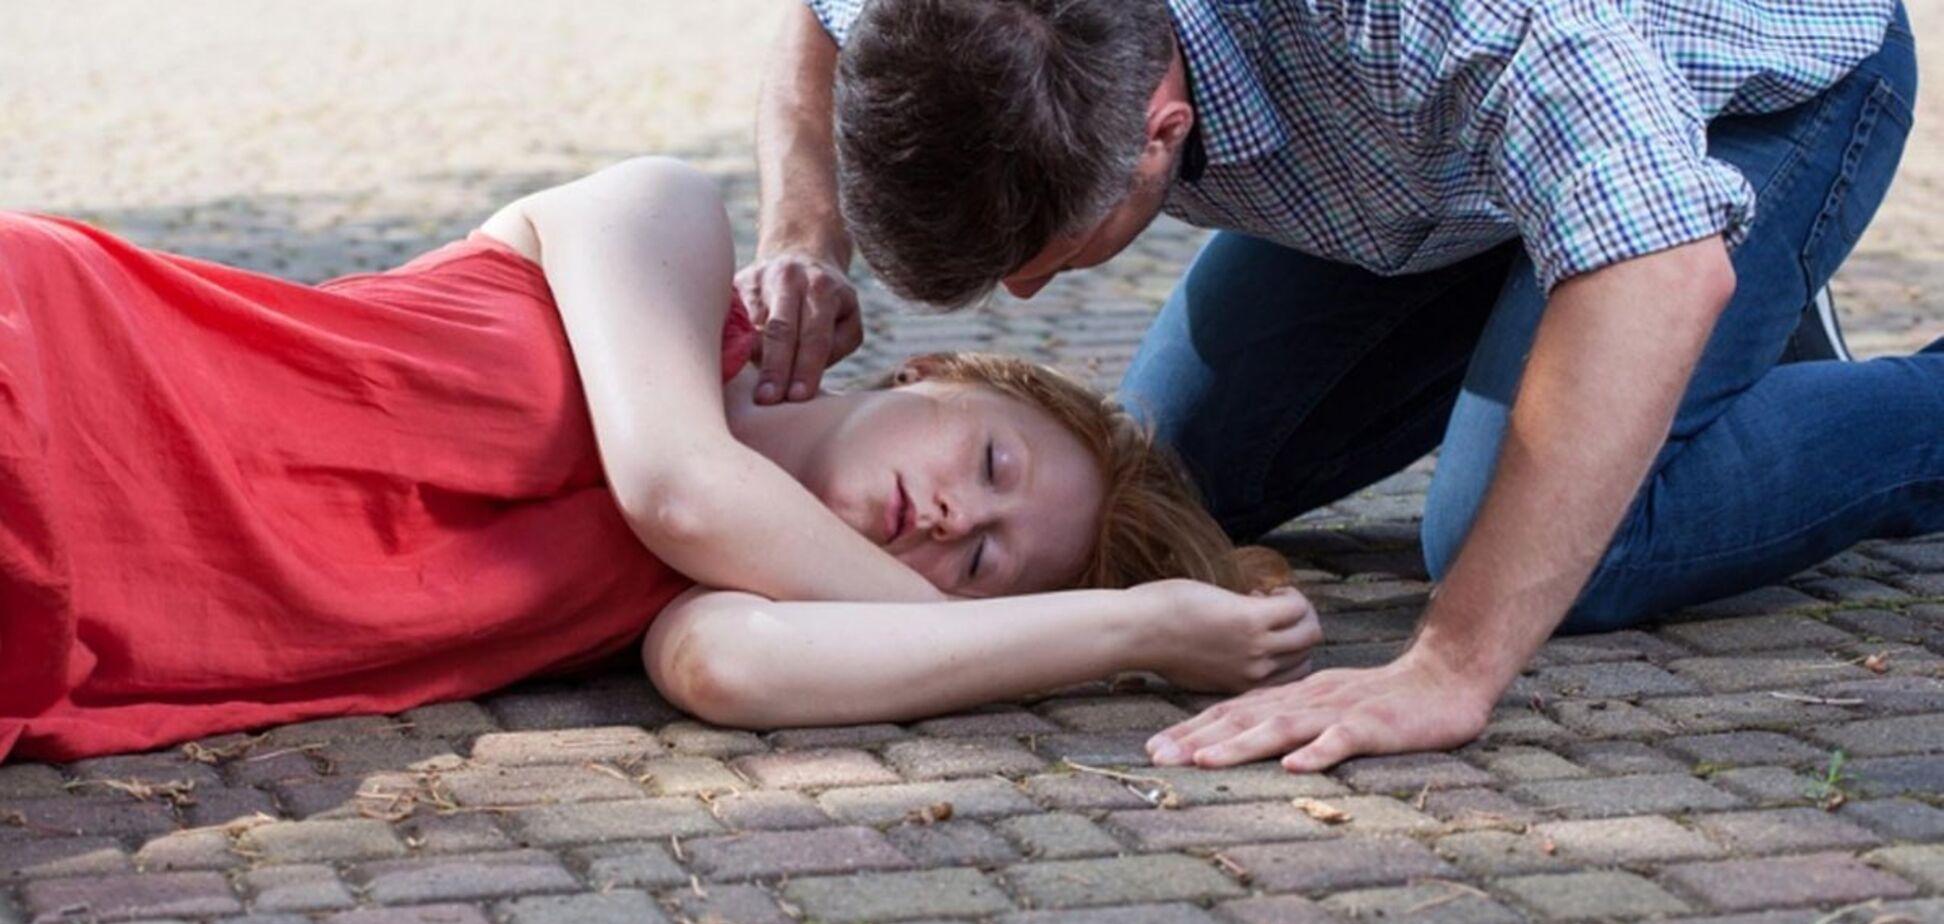 У Кривому Розі поліцейські врятували дівчинку з нападом епілепсії